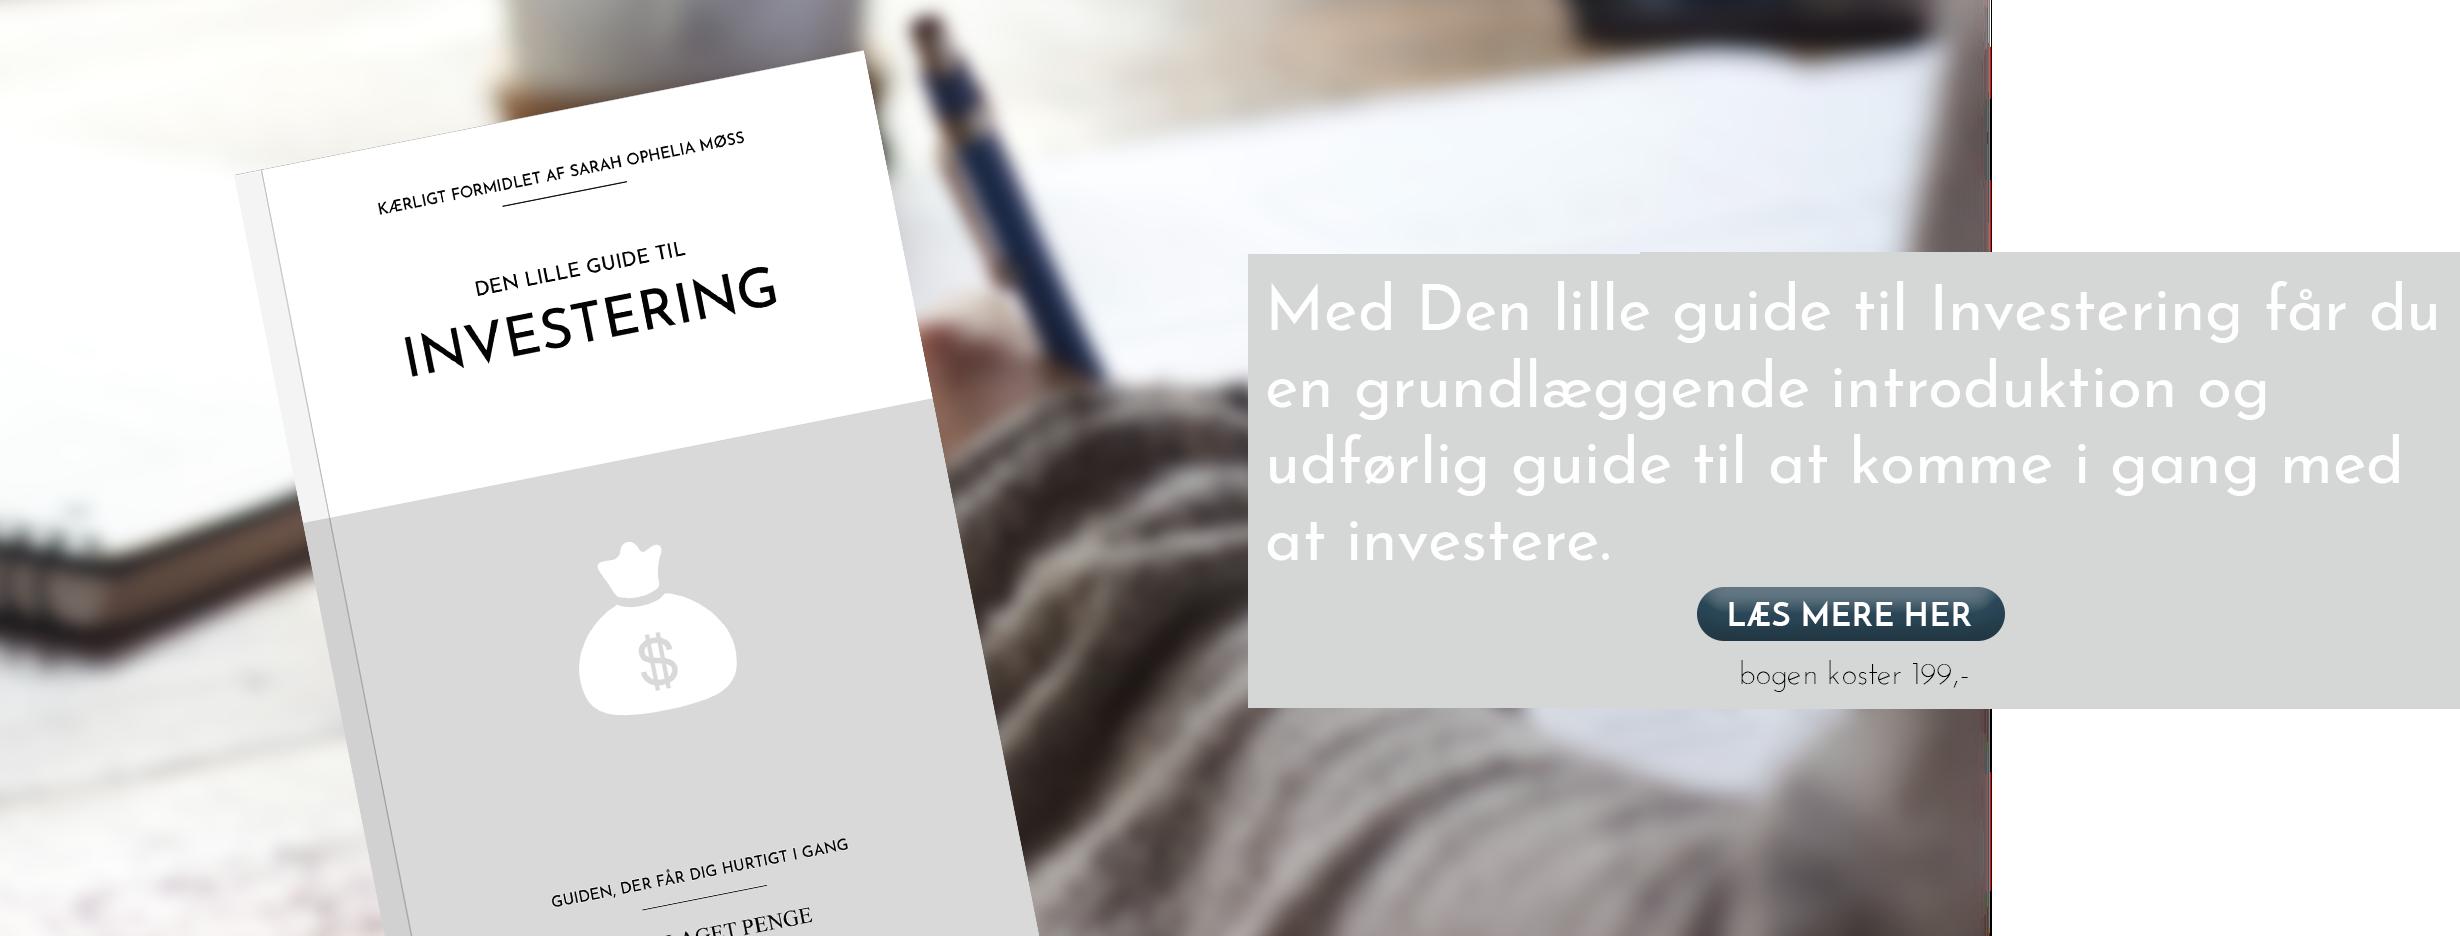 Køb den lille guide til investering her. Det er en bog hvor du får en grundlæggende introduktion og udførlig guide til at begynde at investere.